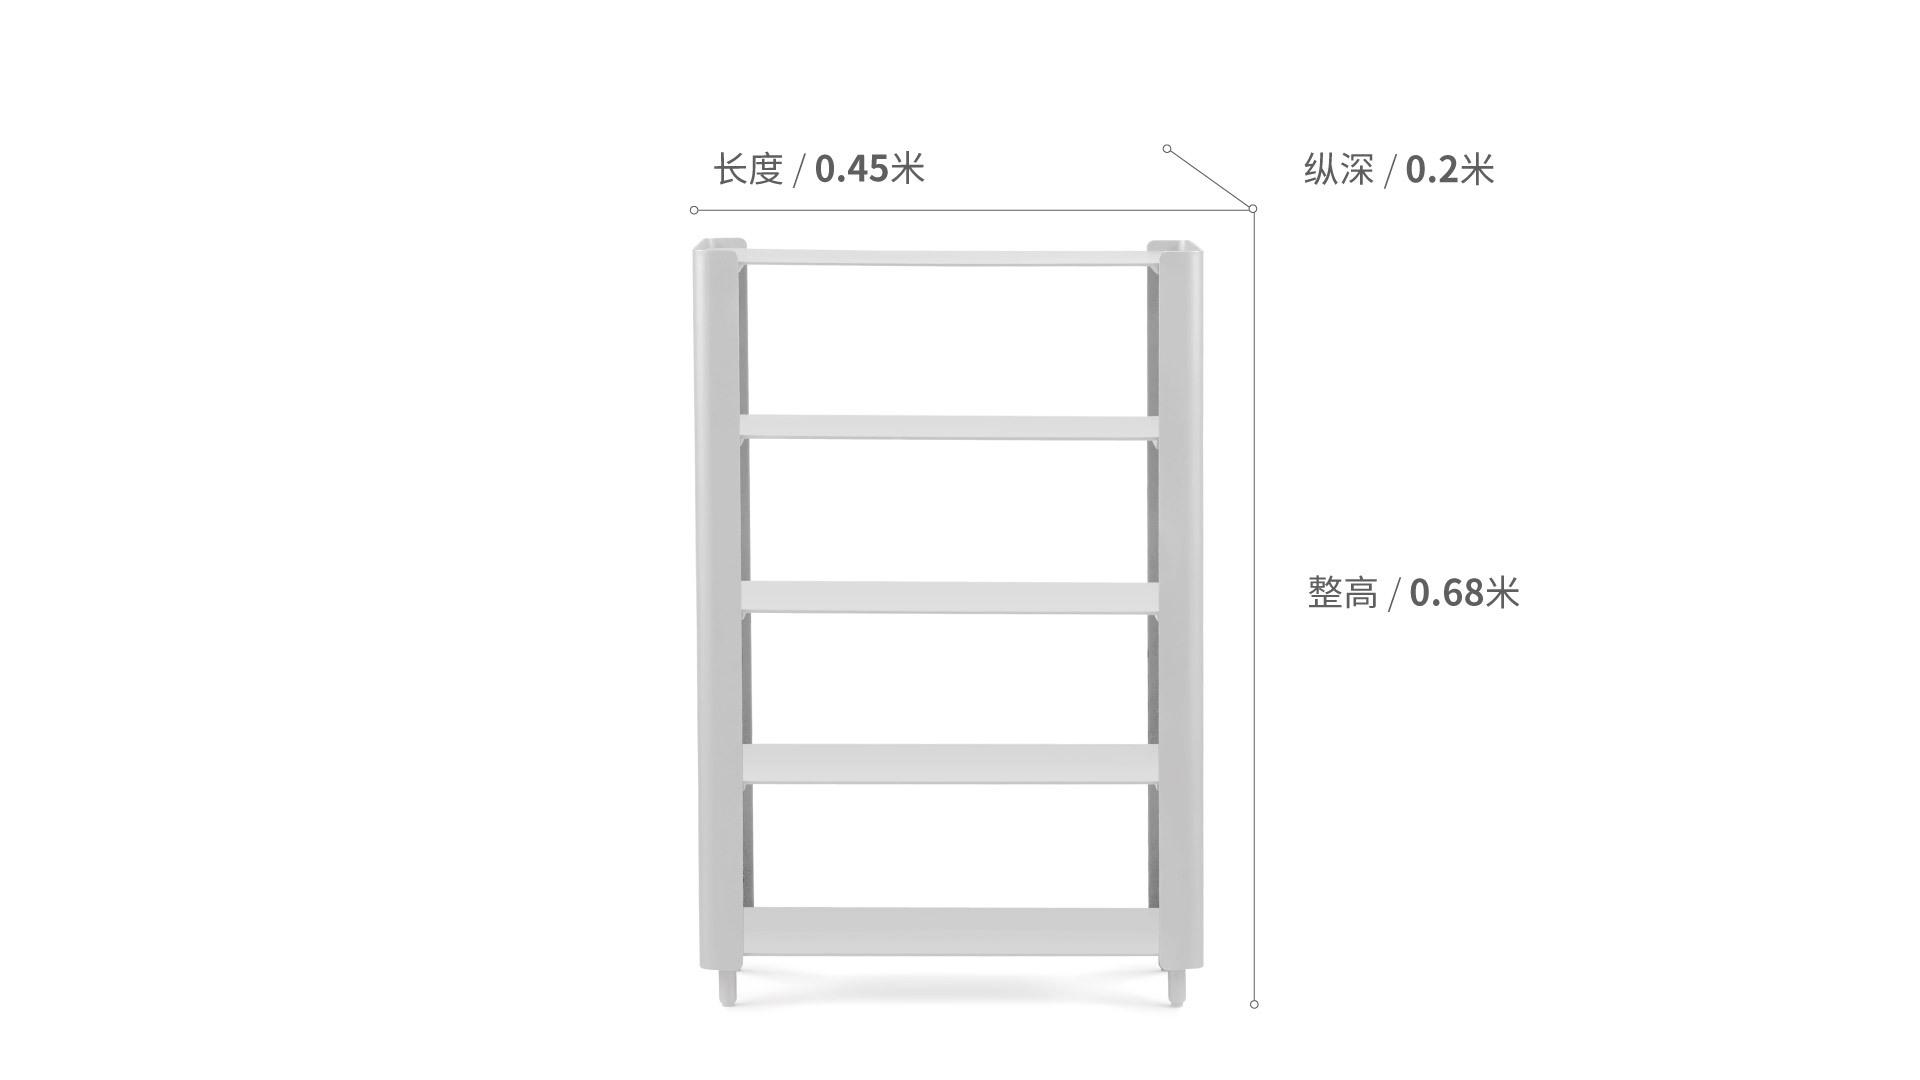 造作内阁™四层柜架效果图